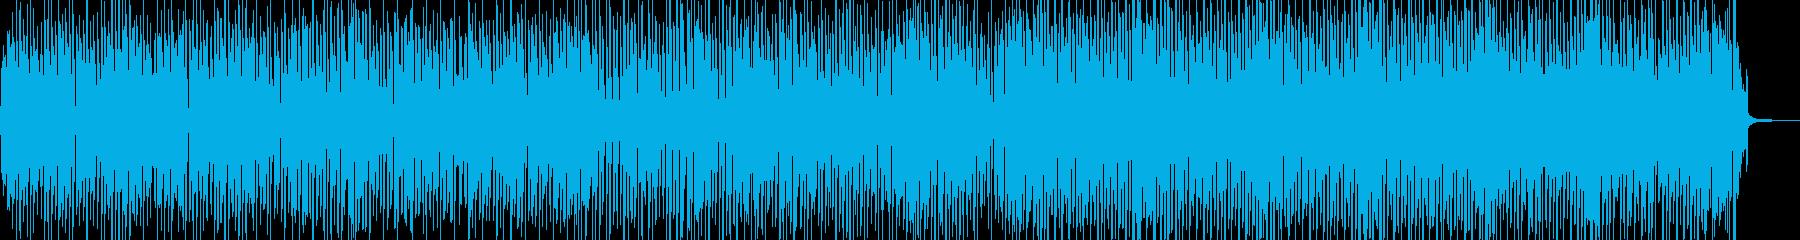 並み足・楽しいカントリーポップス 短尺の再生済みの波形